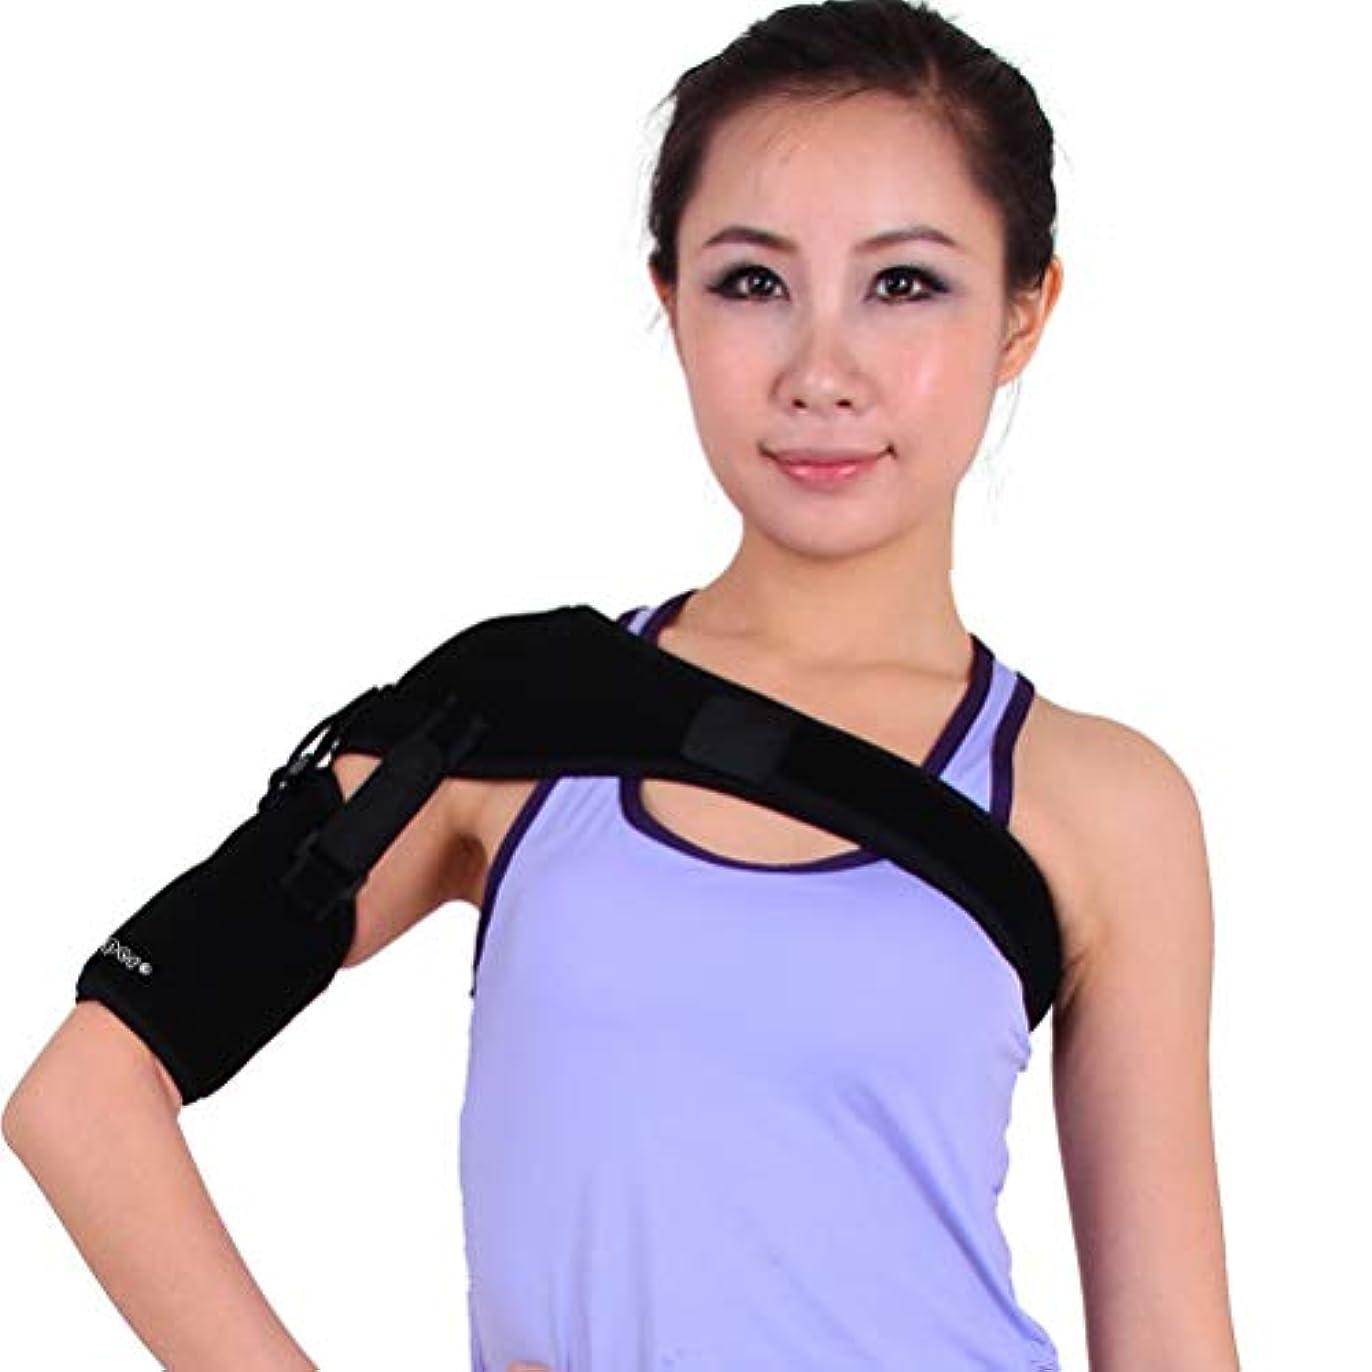 駐地トリップフェミニンHealifty ショルダーサポート右腕スリング調整可能な肘サポートメッシュブレース医療用スリングストラップ固定具(スポーツ用)壊れた骨折した腕(黒)